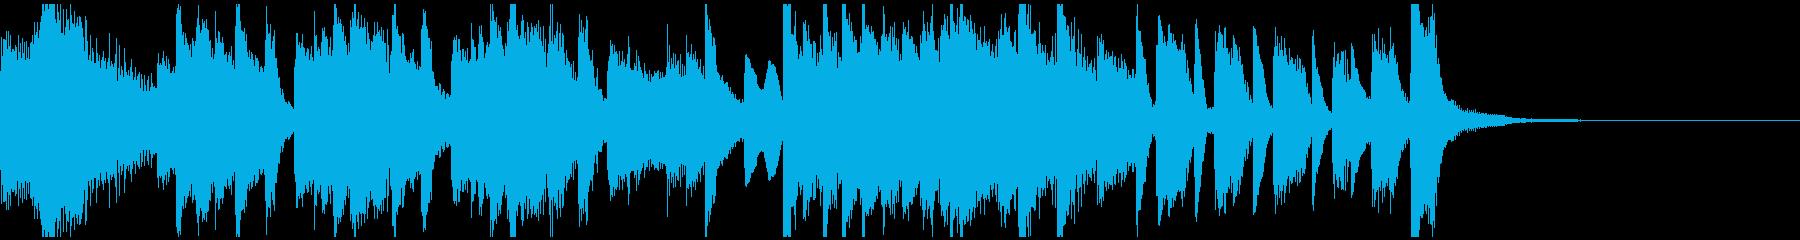 激しく明るいピアノソロ・ジングルの再生済みの波形